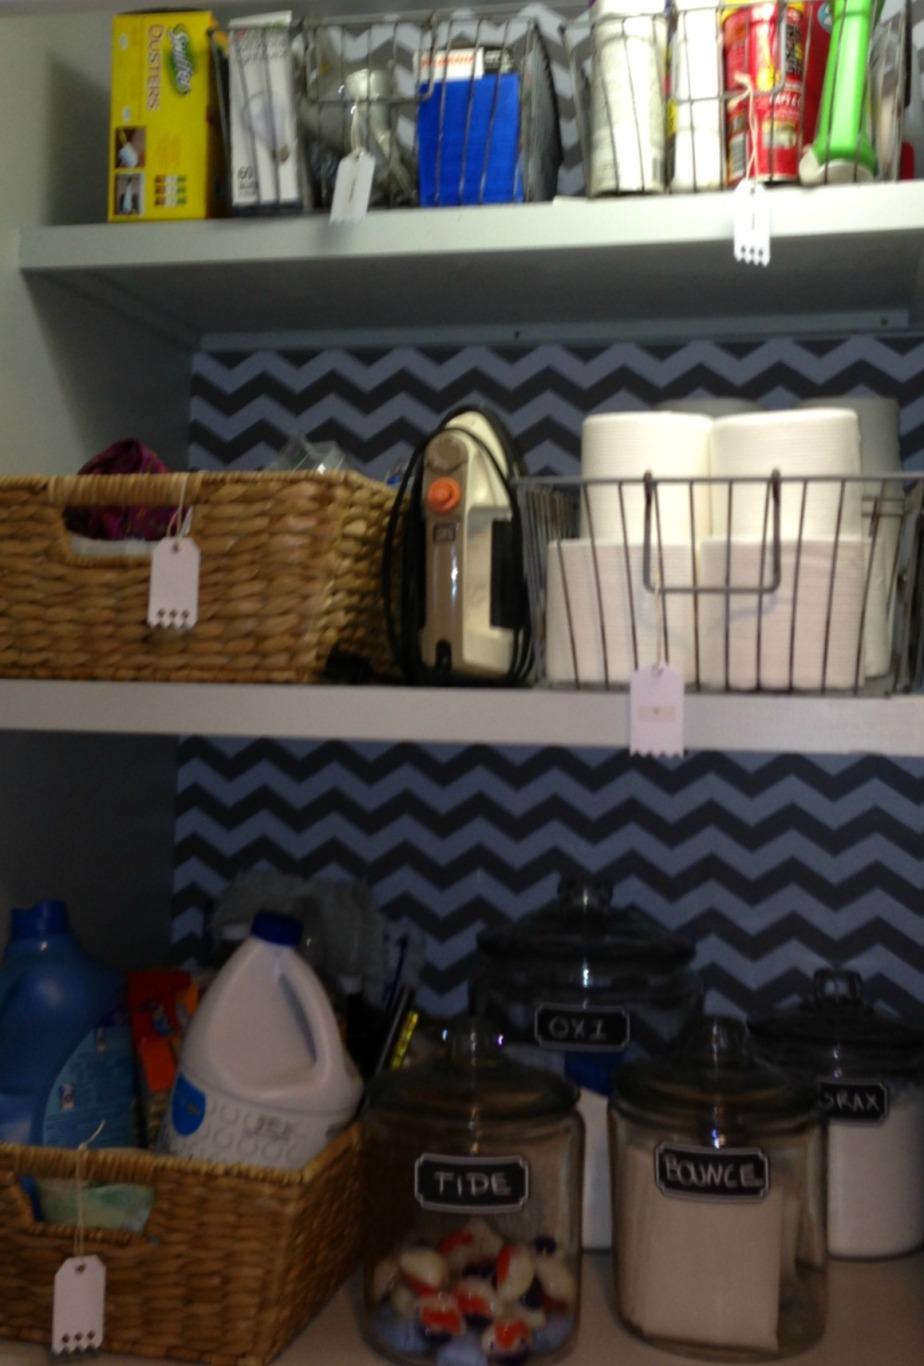 Laundry Room/Closet Makeover